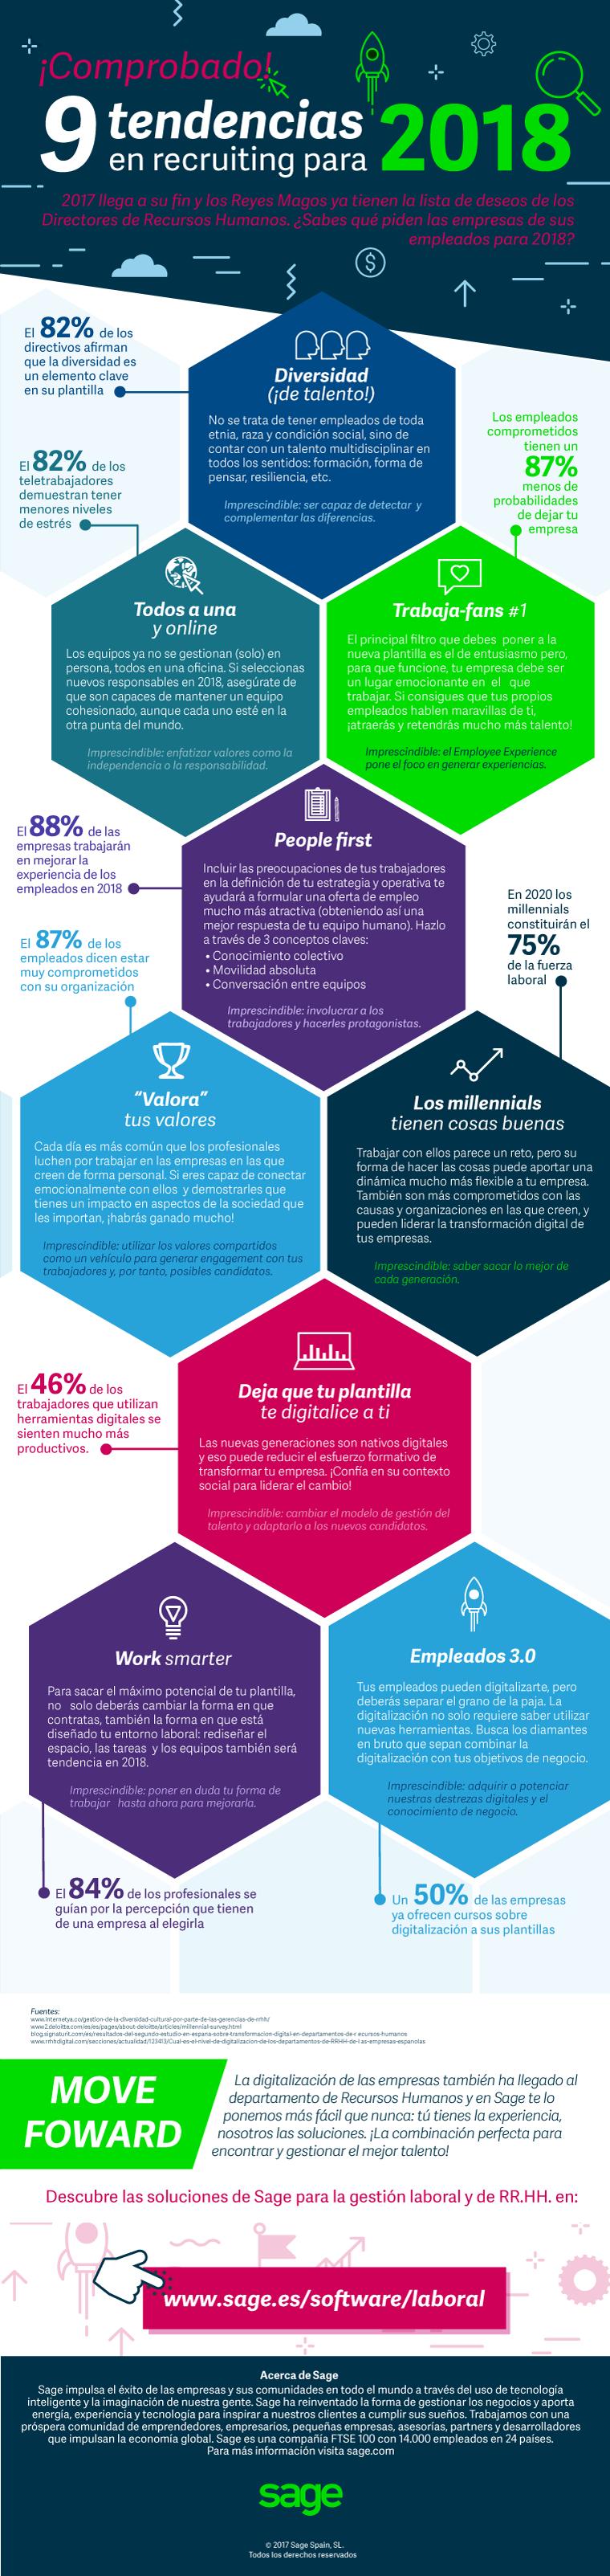 9 tendencias en reclutamiento y gestión del talento #infografia #infographic #rrhh #empleo